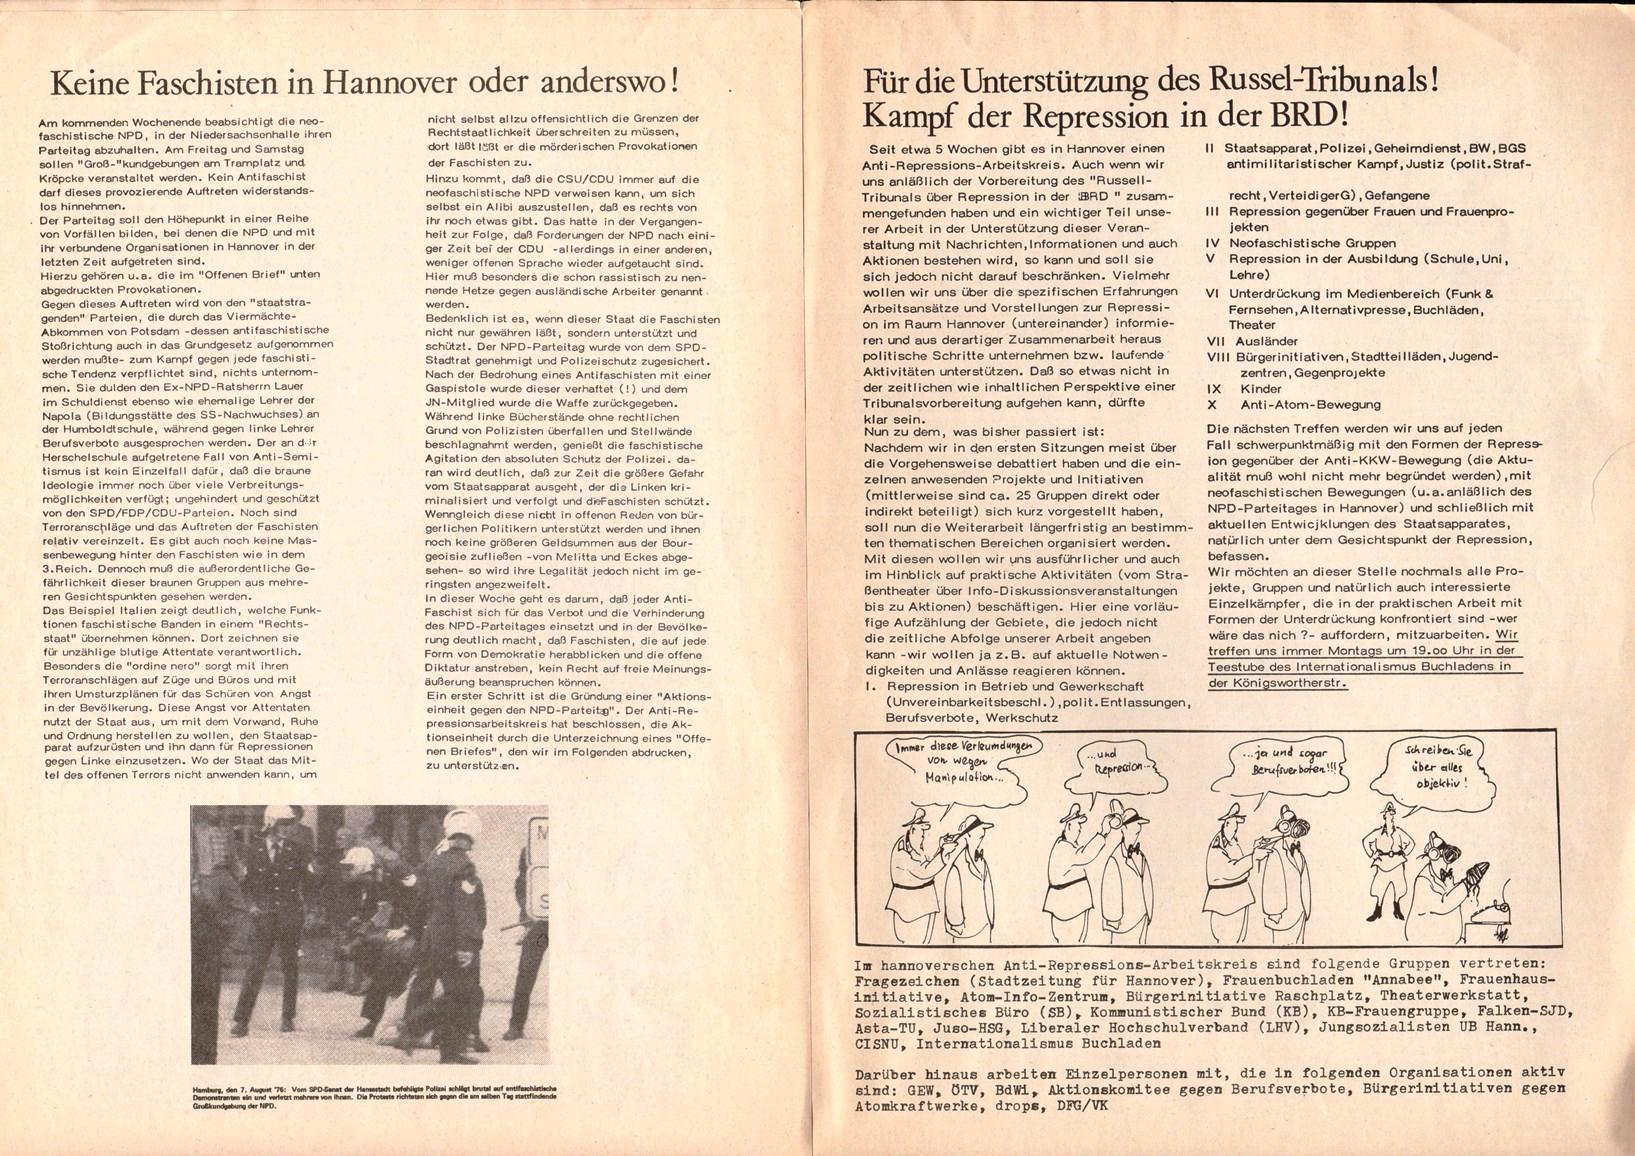 Hannover_Anti_Repressions_Info_01_1977_03